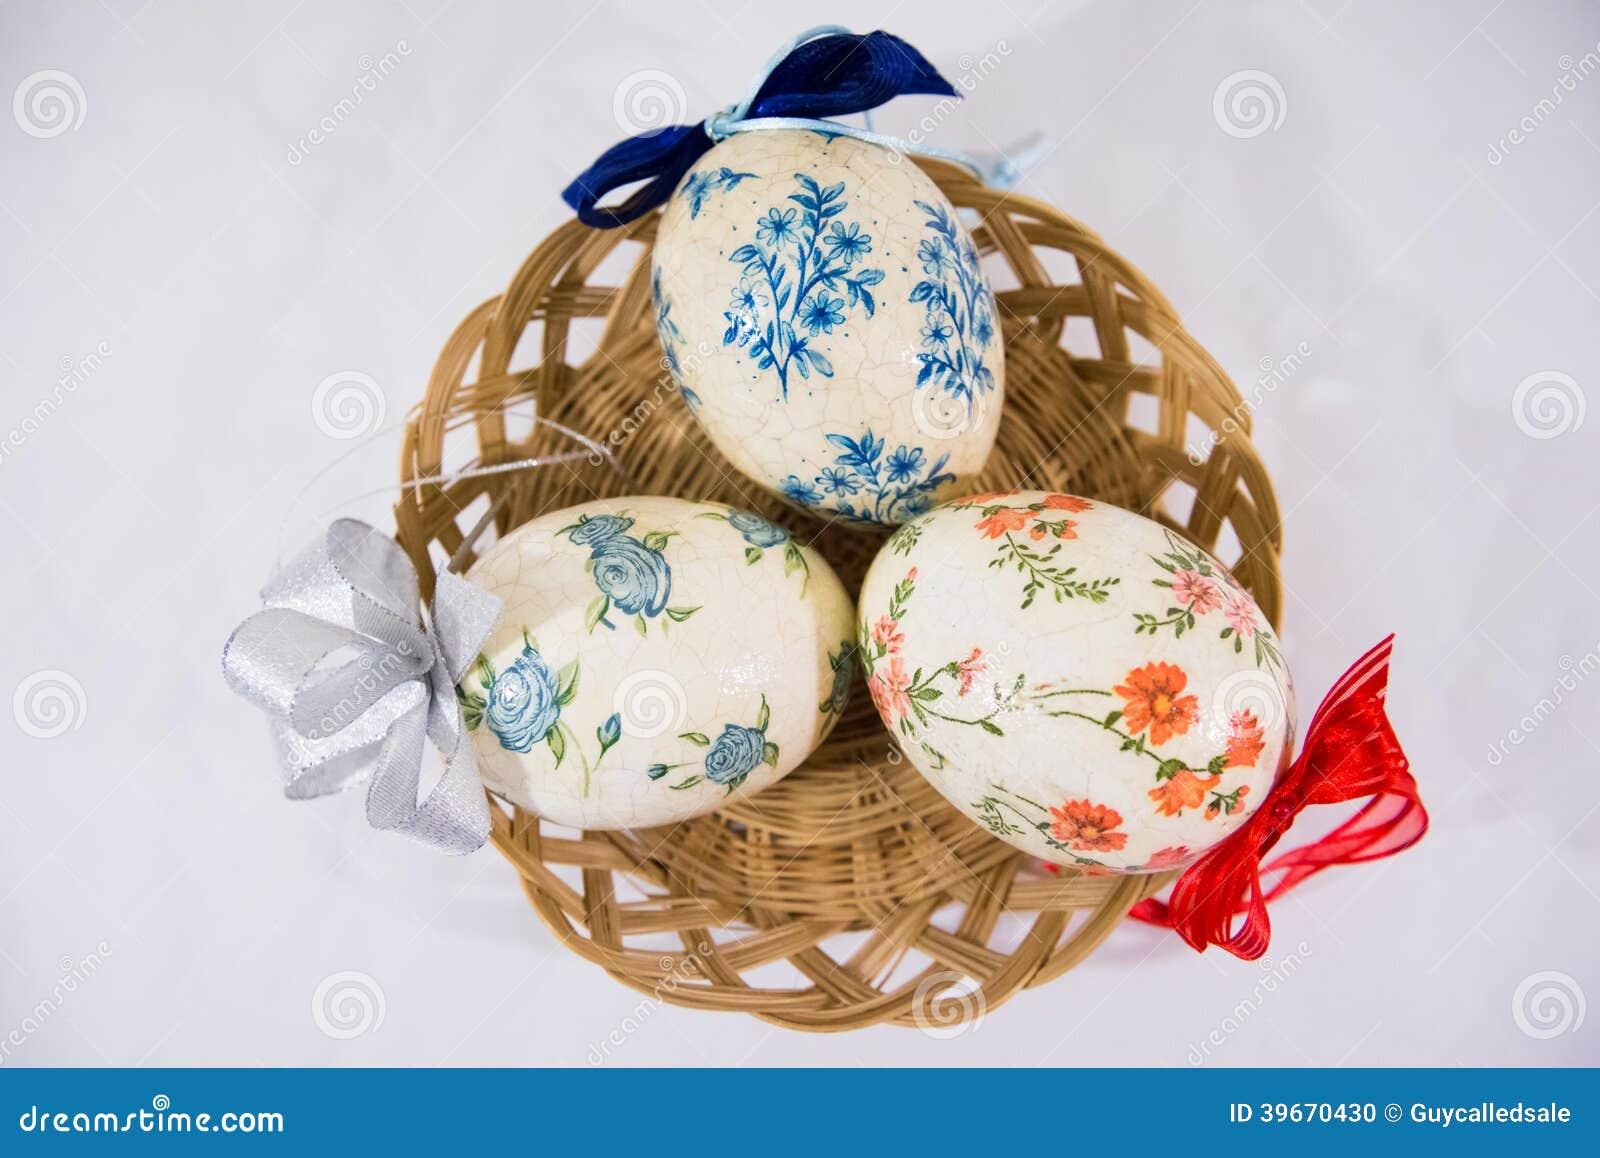 Decoupage Easter eggs: decoration technique 75